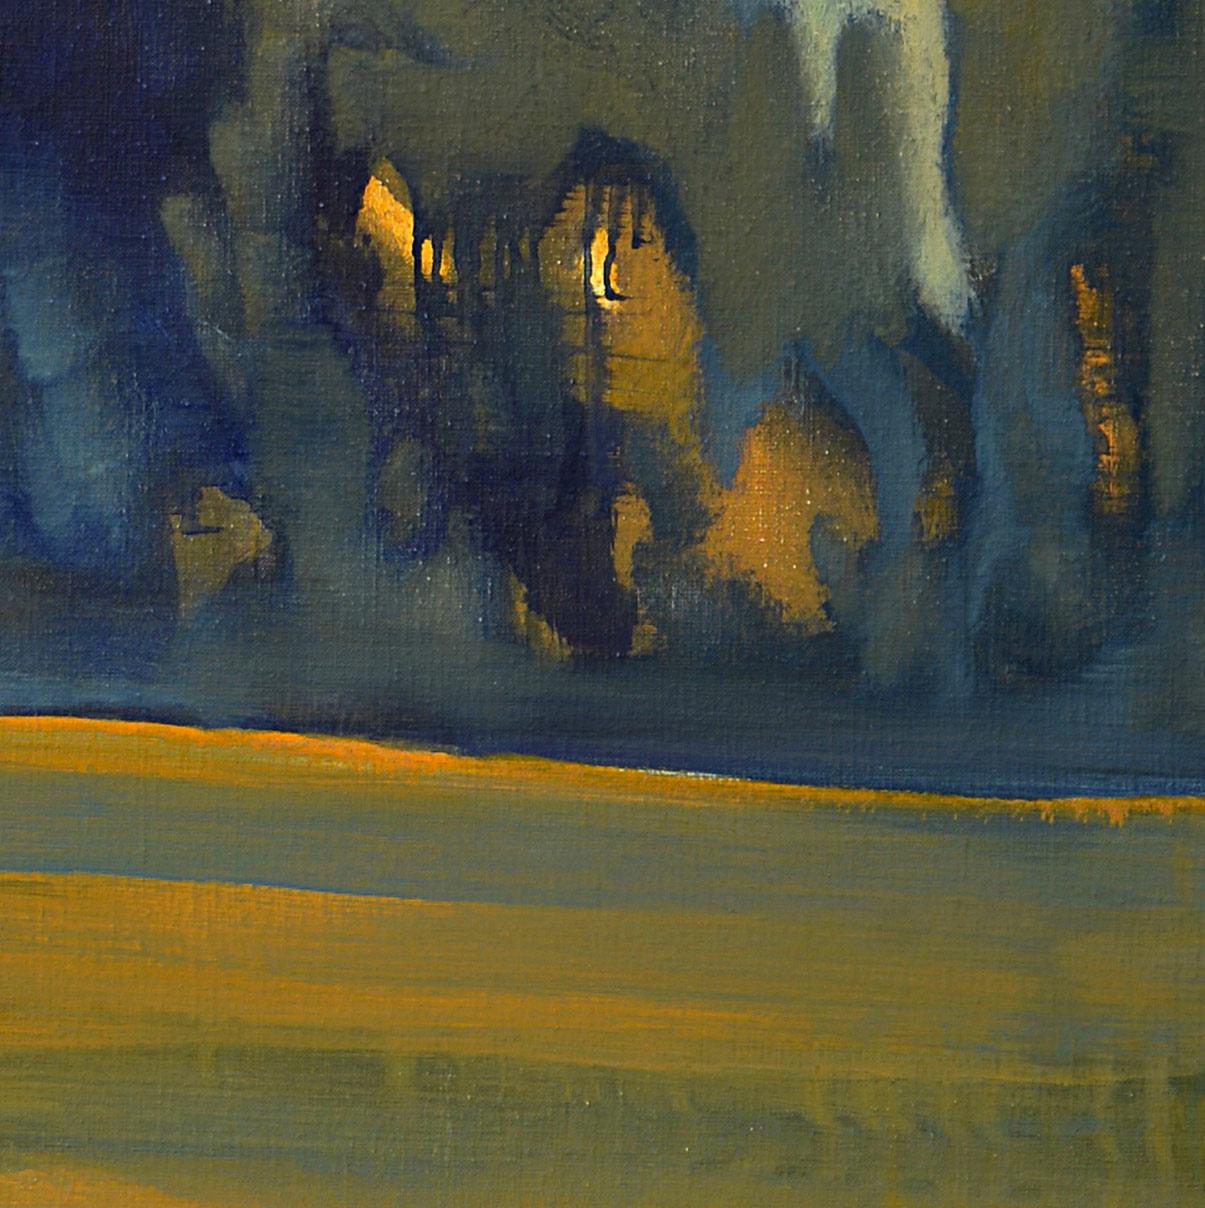 00_Détail_La-Presqu'Ile,-2013,-huile-sur-toile,-114-x-146-cm